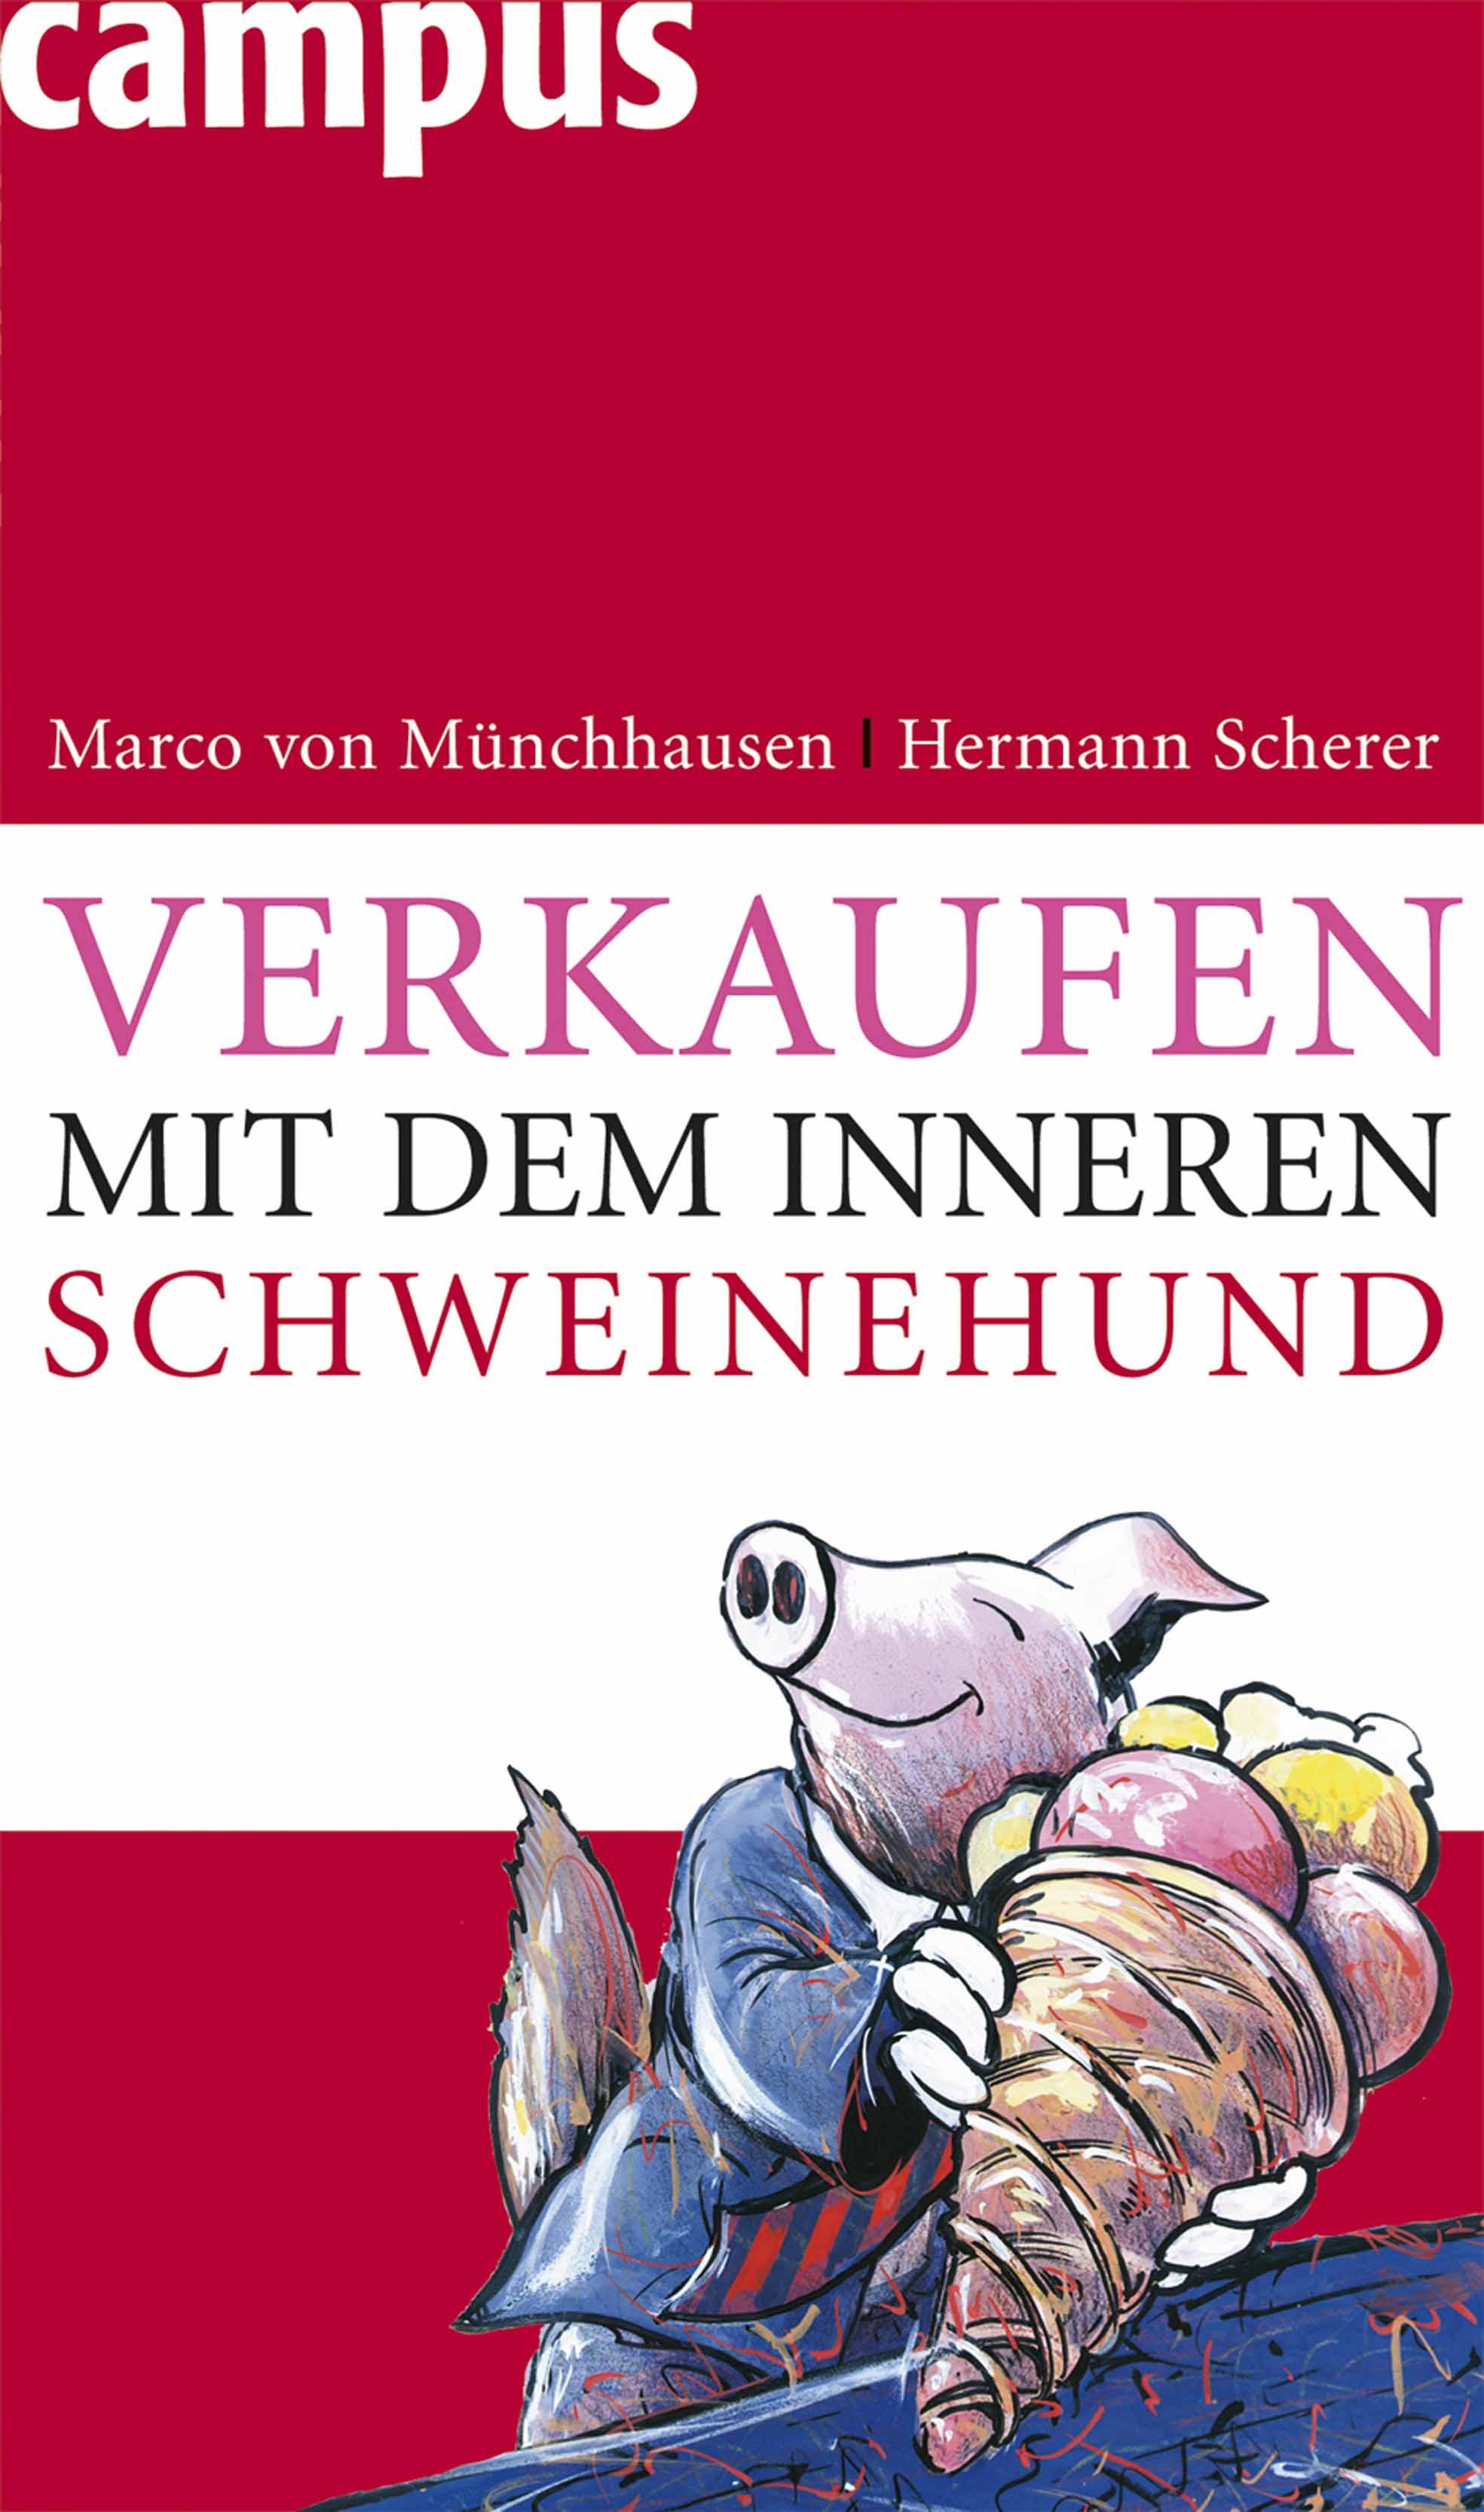 Verkaufen mit dem inneren Schweinehund - Marco ...